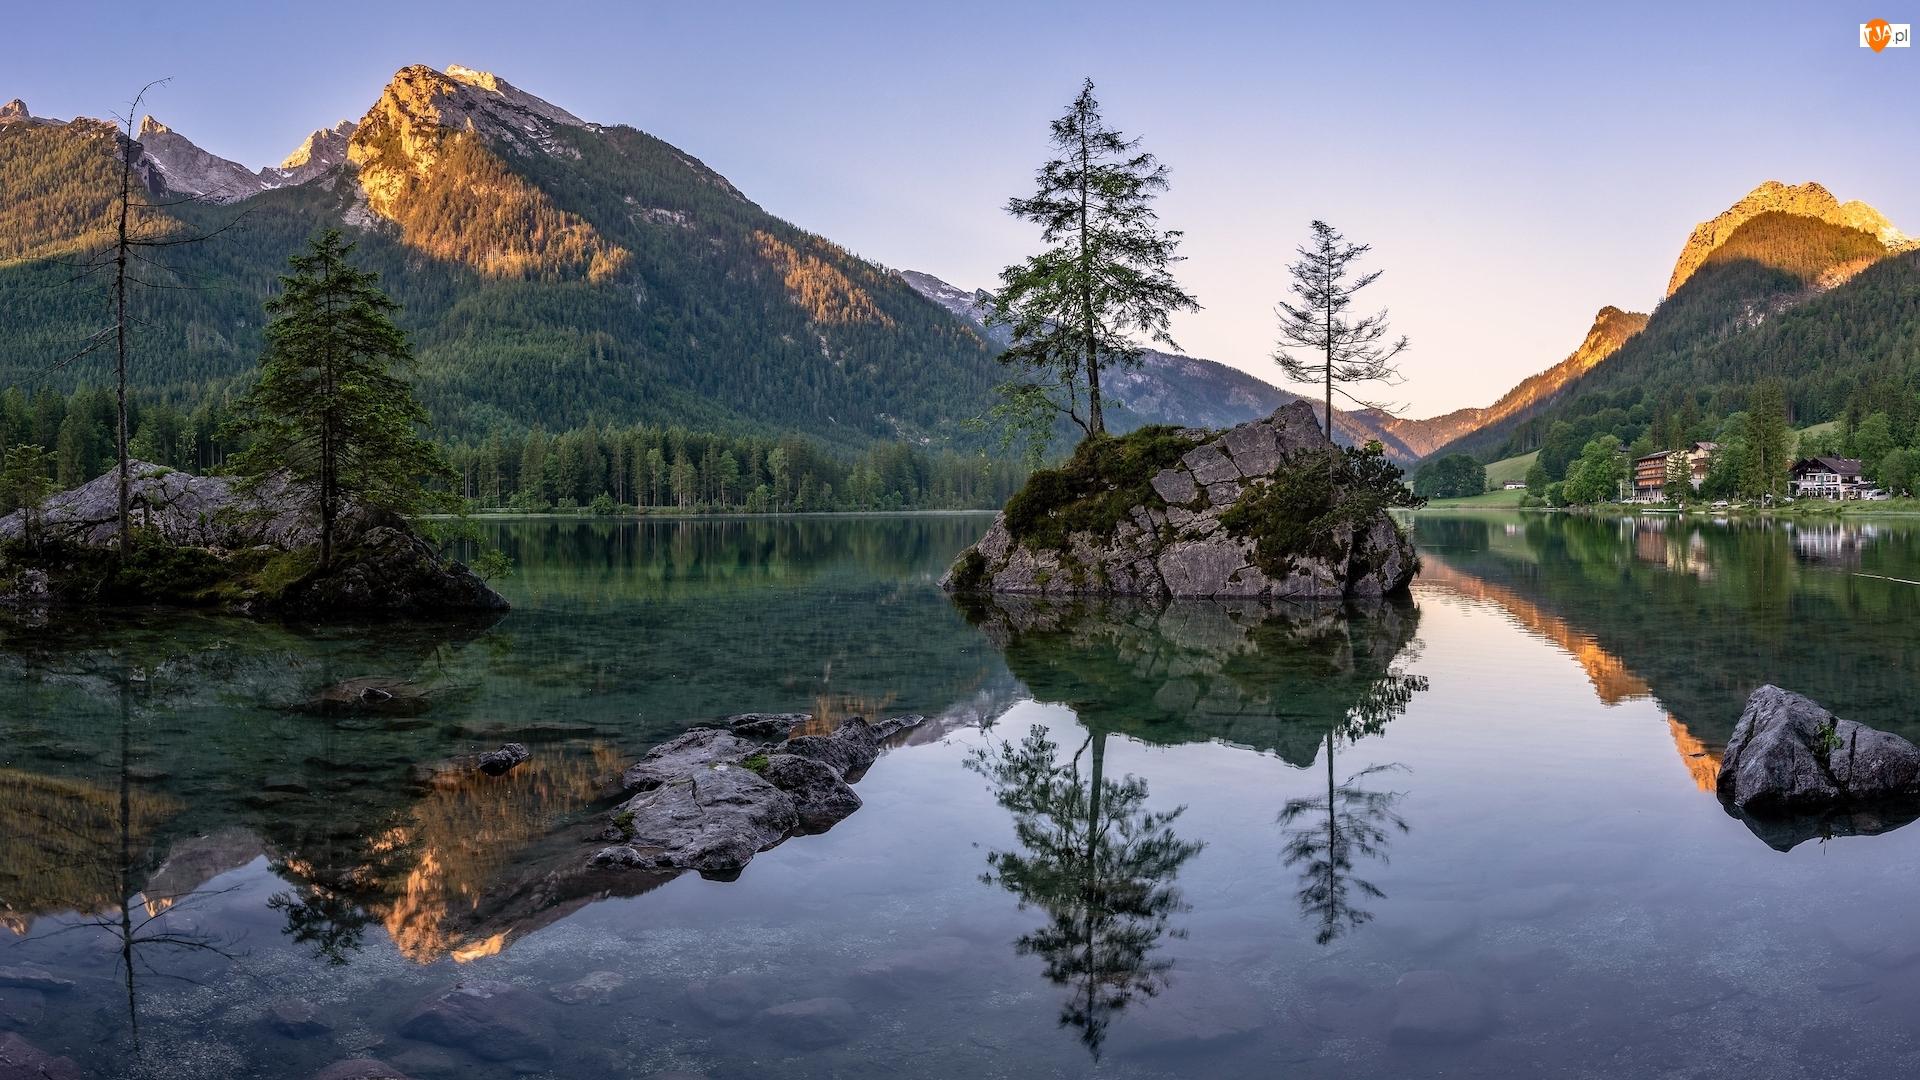 Niemcy, Alpy, Bawaria, Odbicie, Gmina Berchtesgaden, Jezioro Hintersee, Skały, Góry, Drzewa